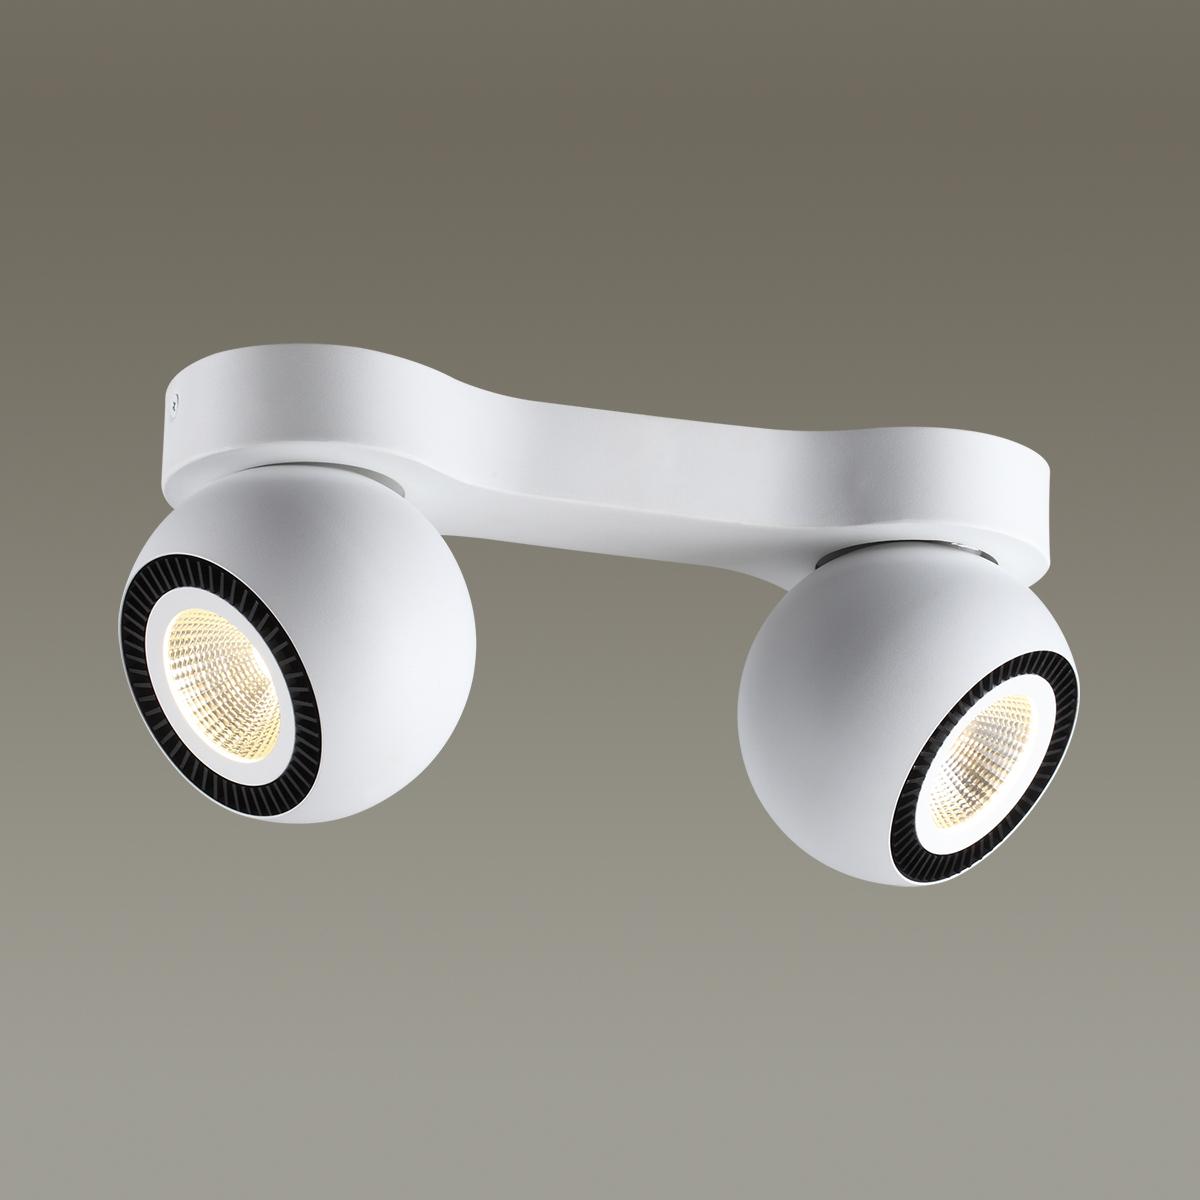 Потолочный светодиодный светильник с регулировкой направления света Odeon Light Urfina 3536/2CL, LED 20W, 3000K (теплый), белый, черный, металл - фото 1